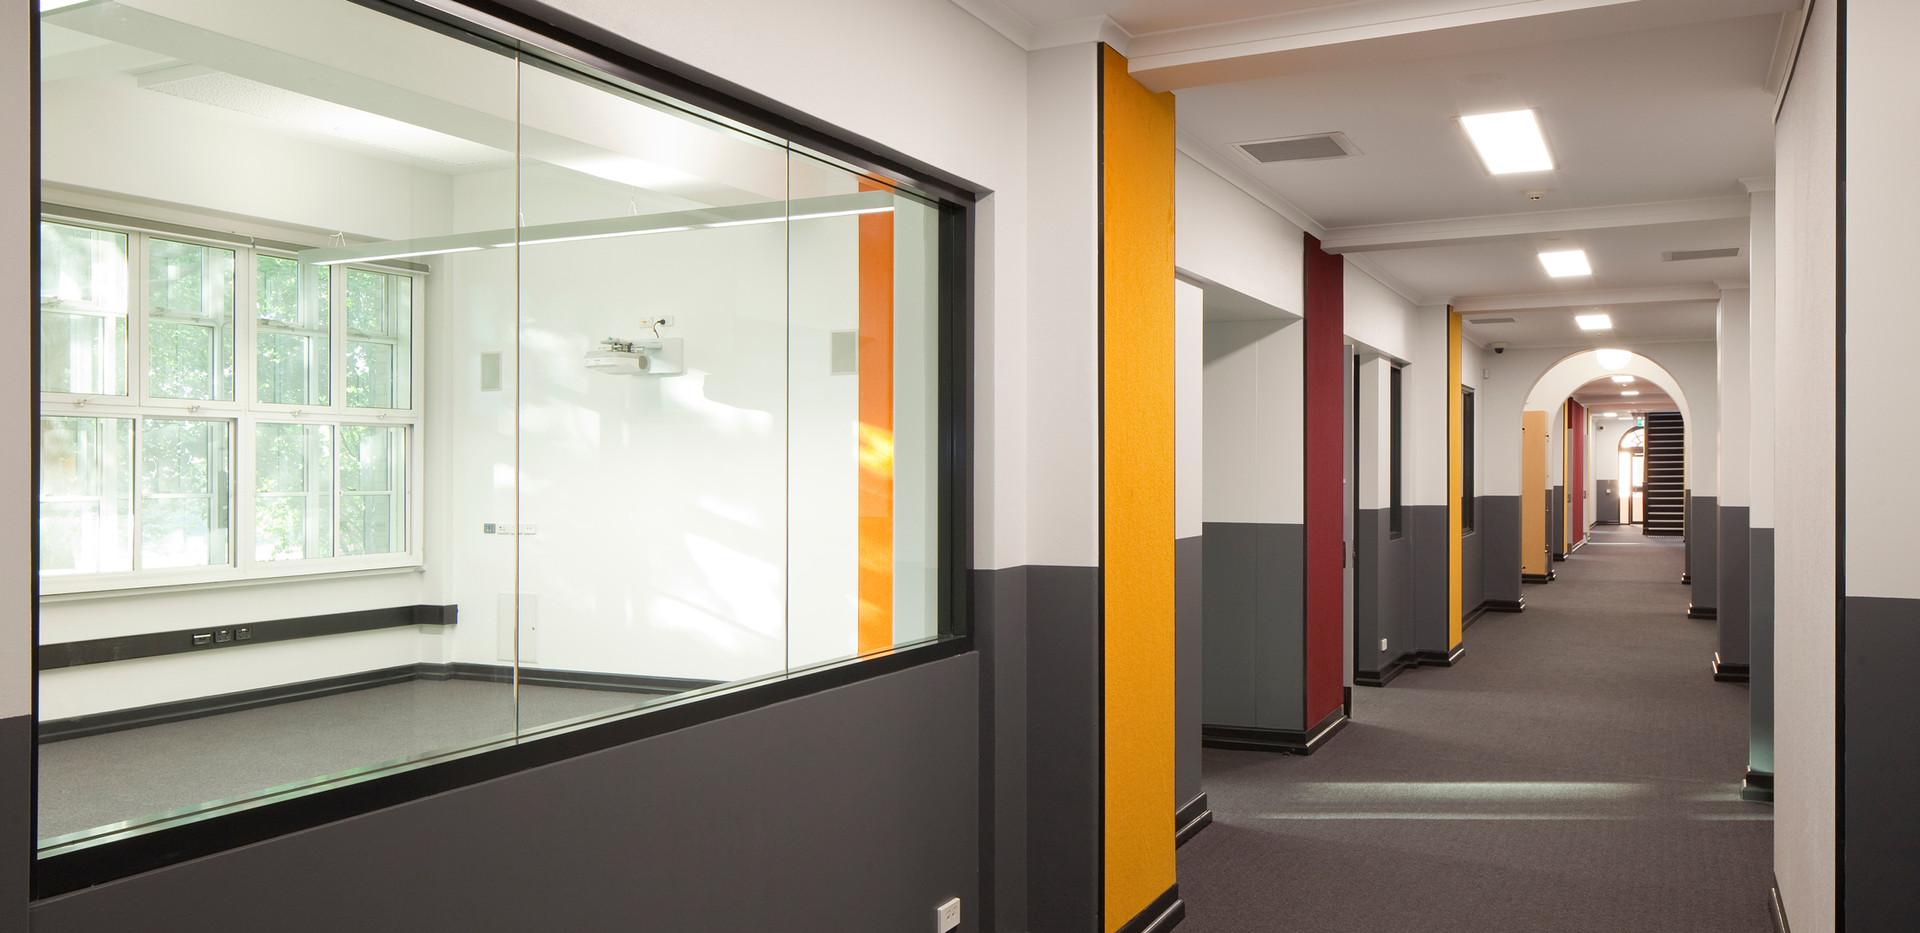 FDC Le Couteur Building Newington Colleg